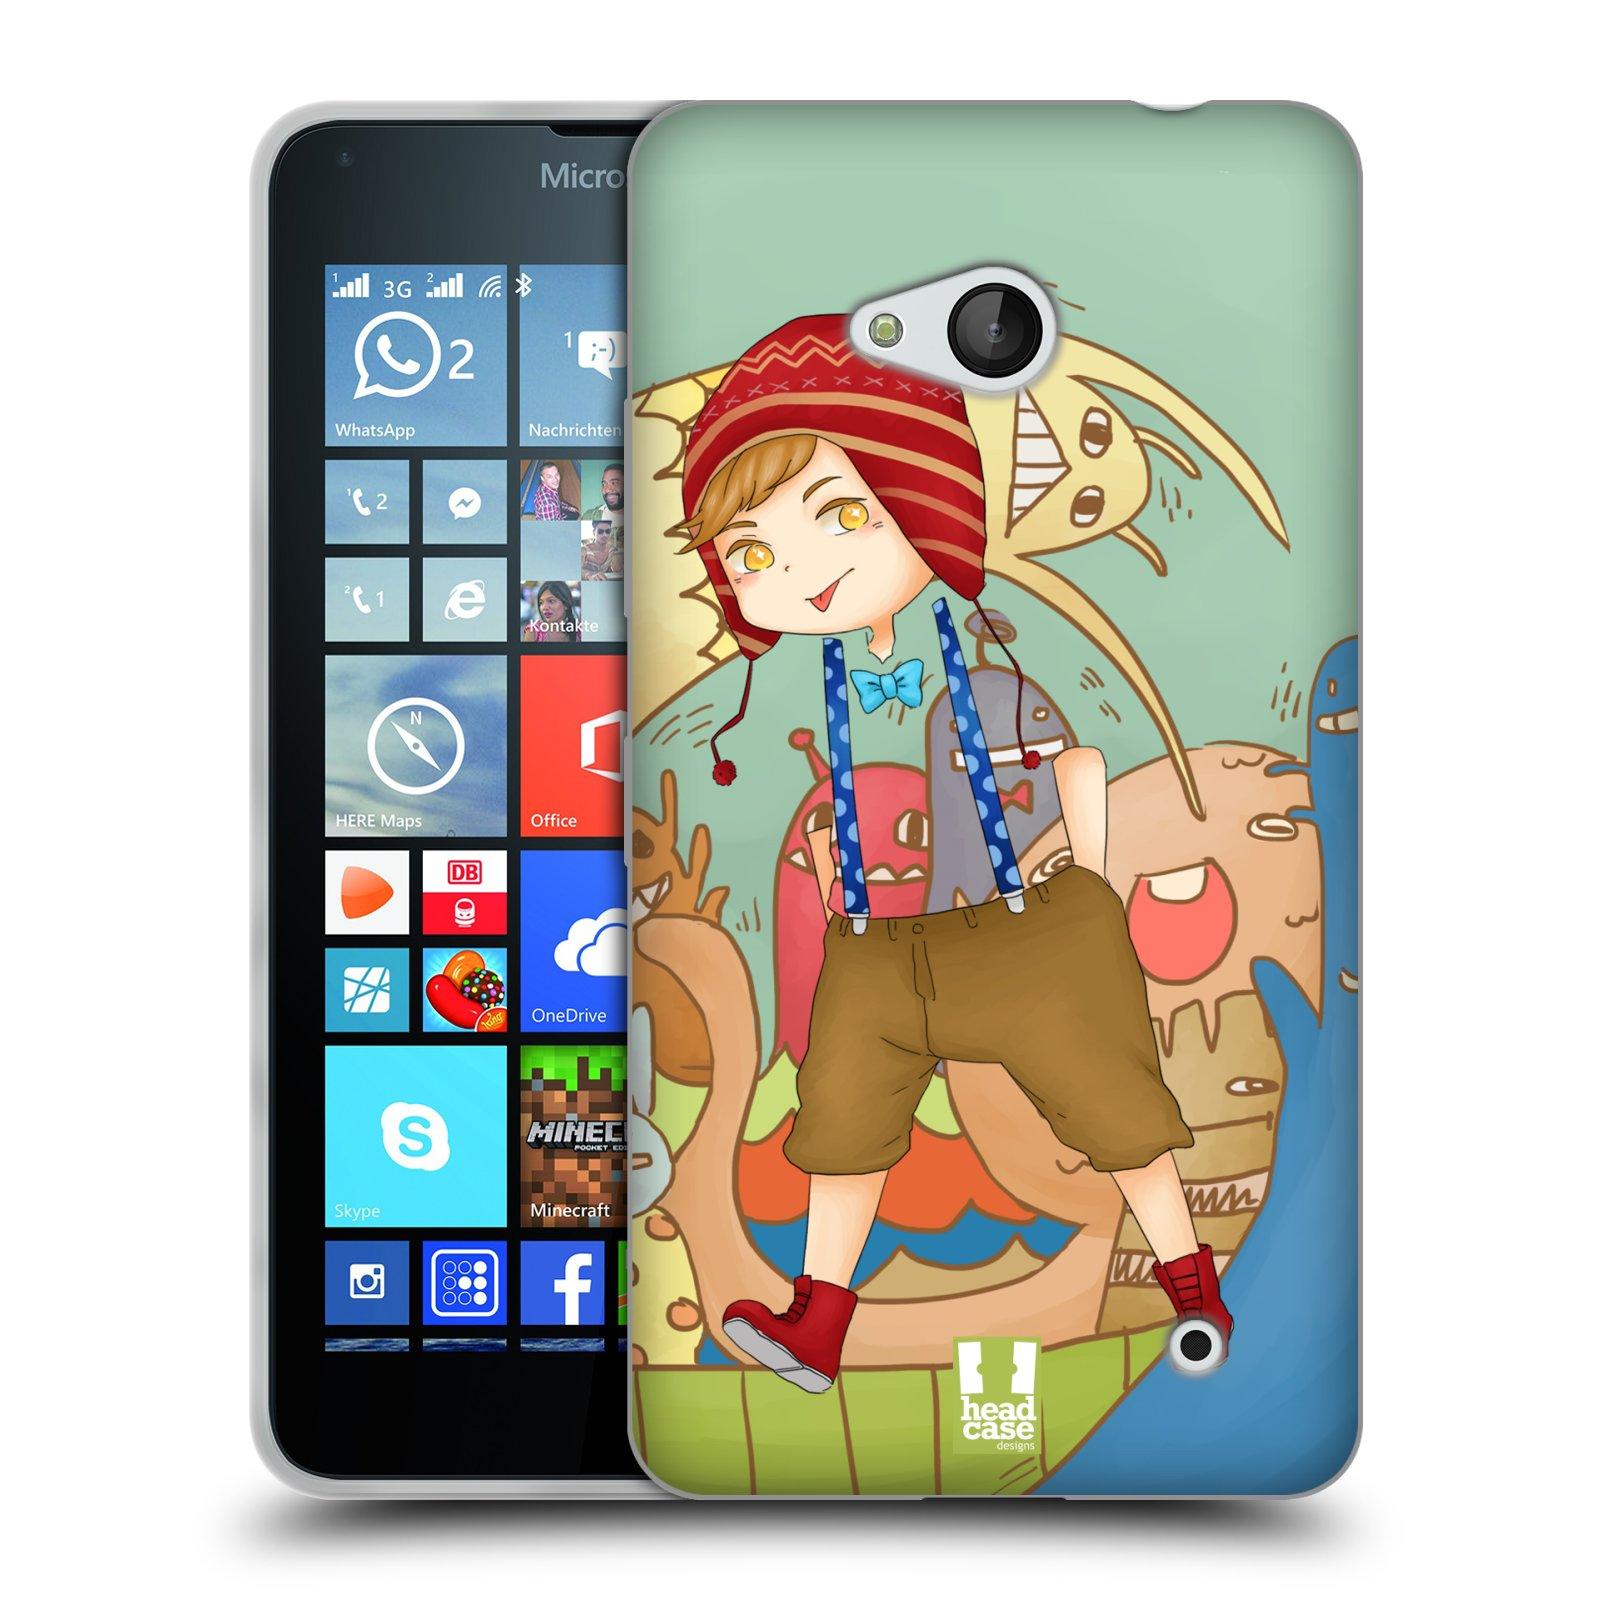 HEAD CASE silikonový obal na mobil Microsoft / Nokia Lumia 640 / Lumia 640 DUAL vzor Kreslené postavičky vesmír zmizení POHODÁŘ